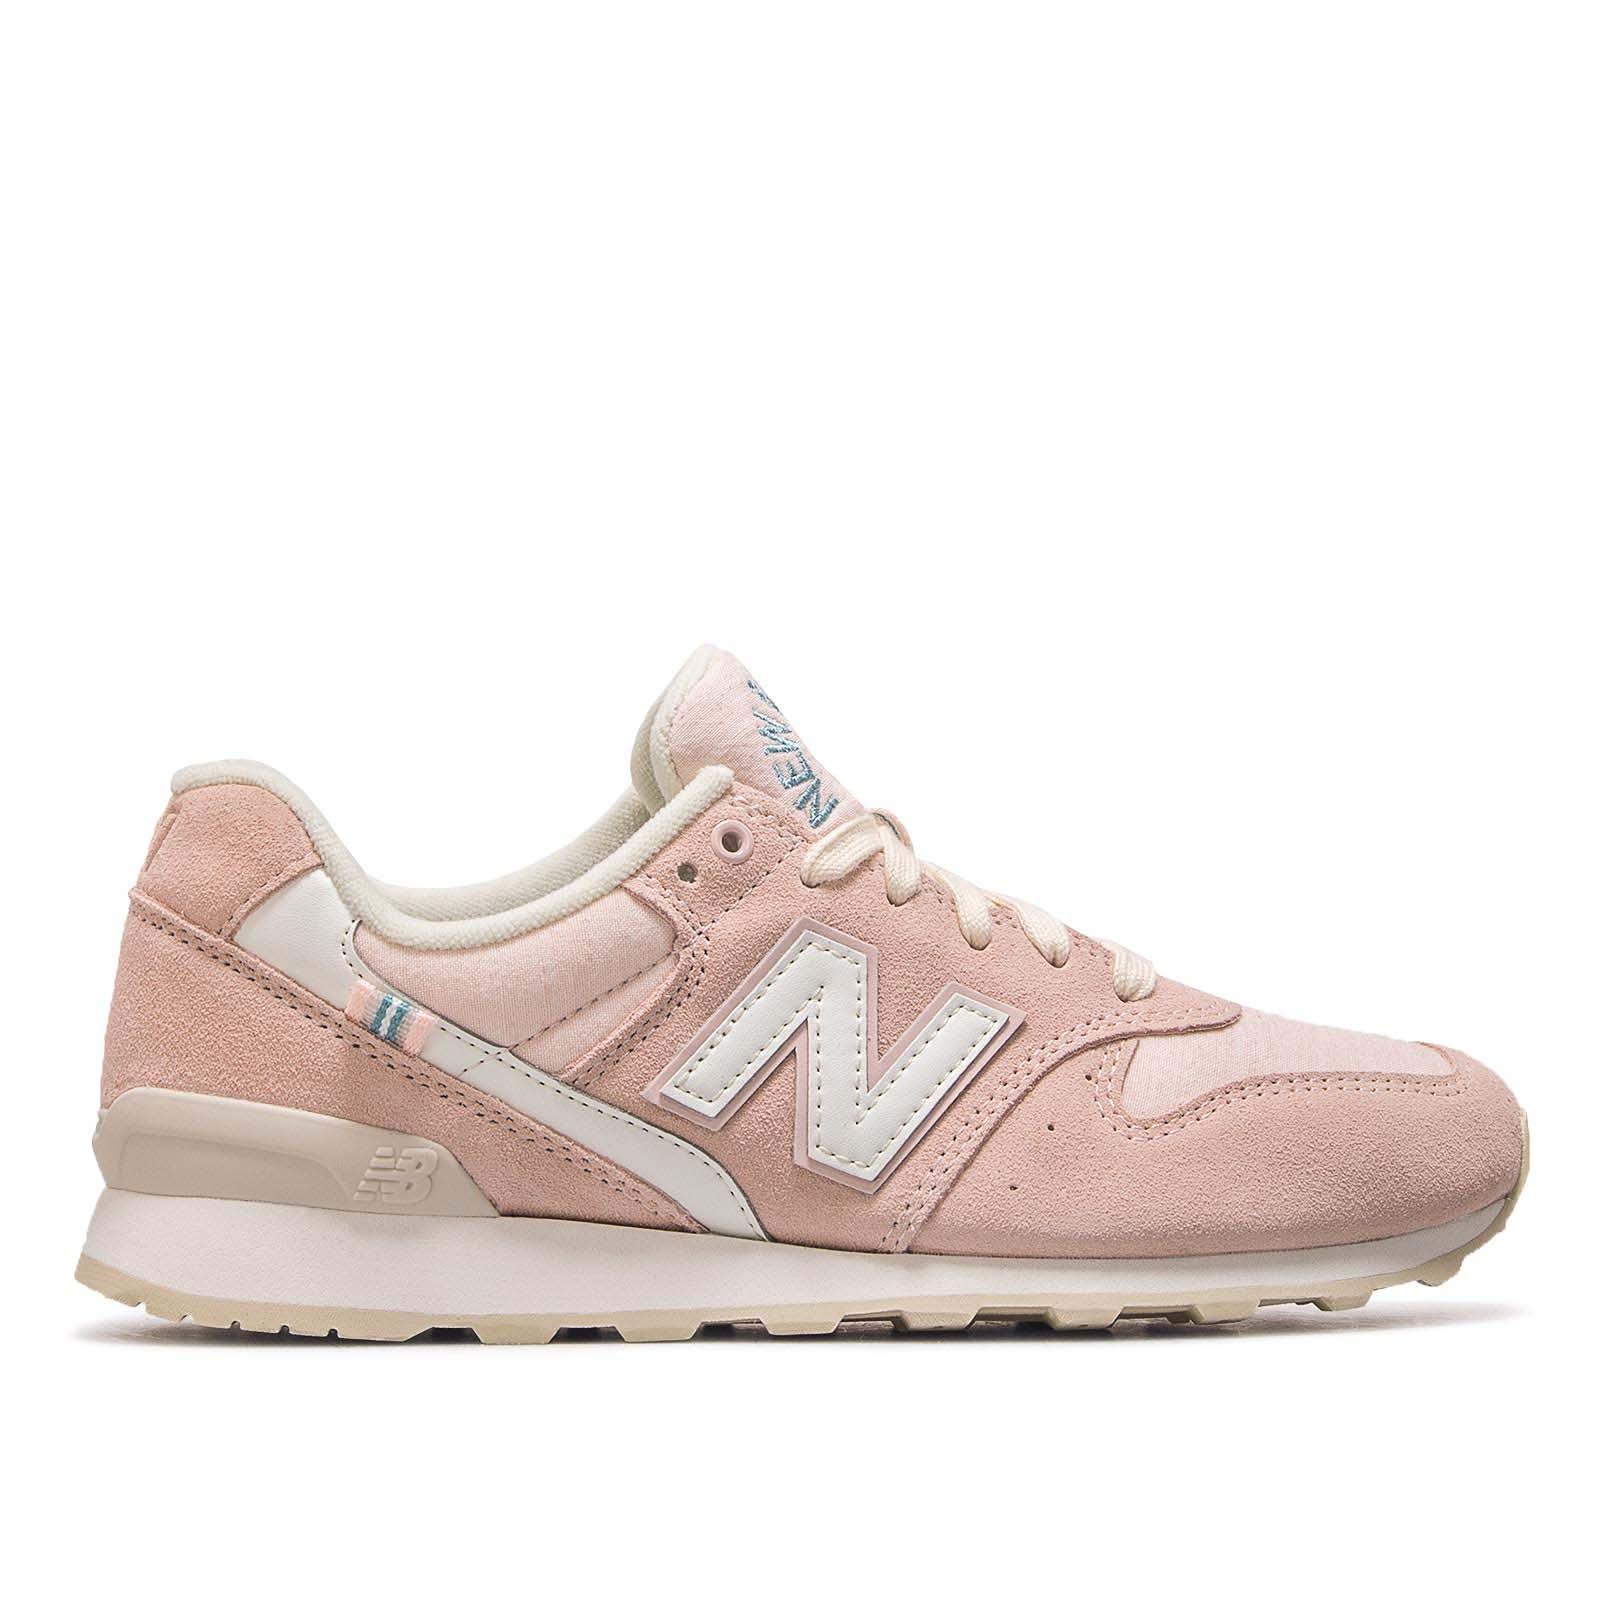 2227731b9453fd Roséfarbener Damen Sneaker von New Balance online kaufen ...